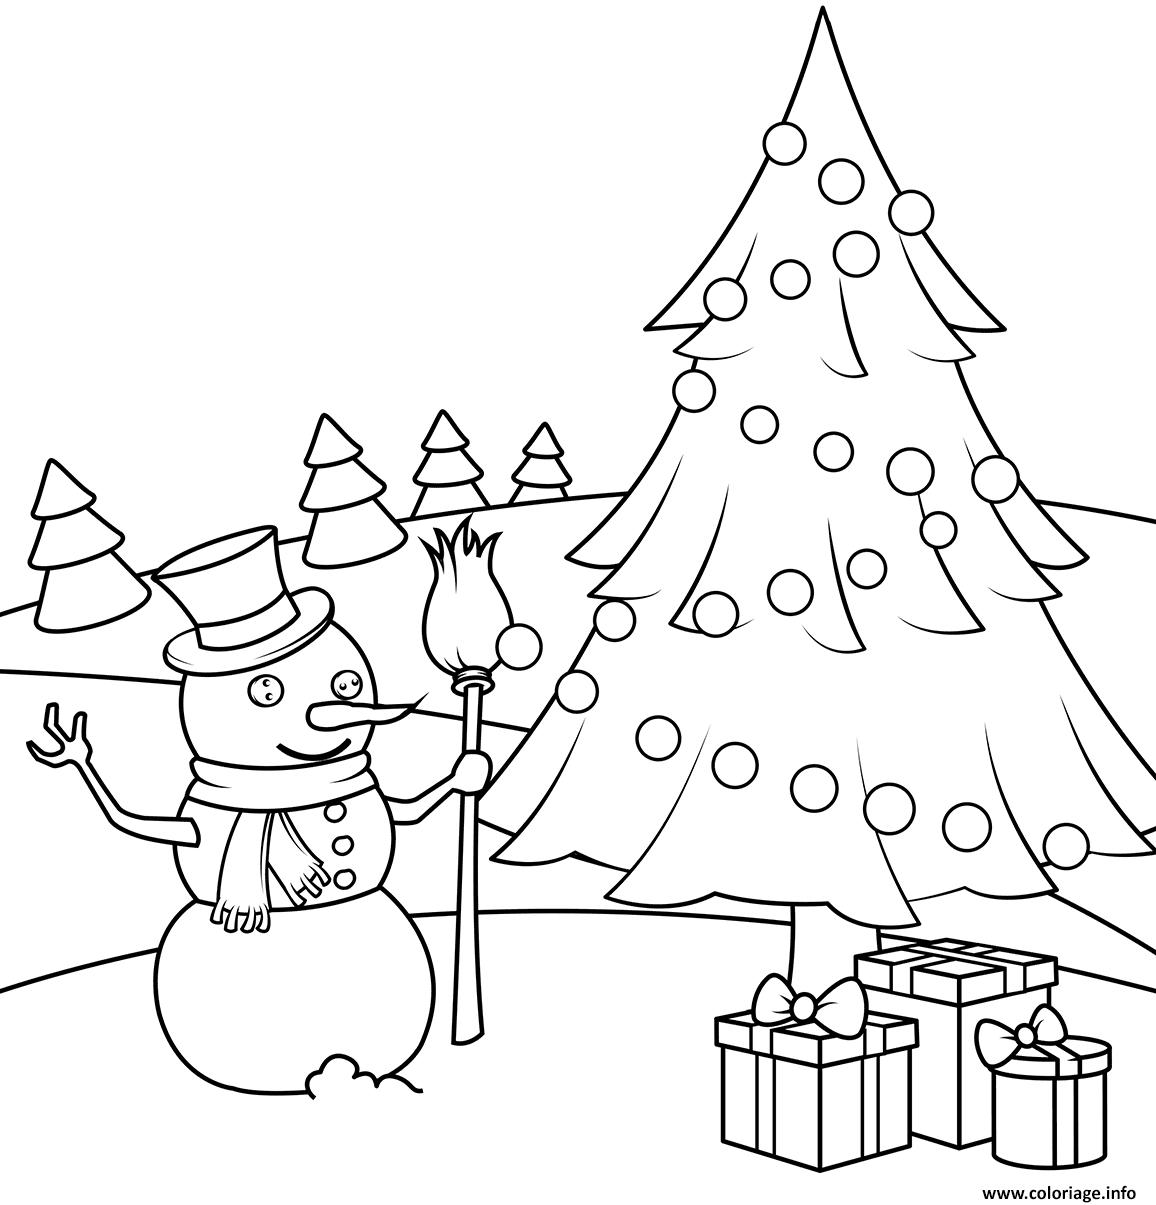 Coloriage Noel A Imprimer Bonhomme De Neige.Coloriage Bonhomme De Neige Avec Un Sapin Et Des Cadeaux De